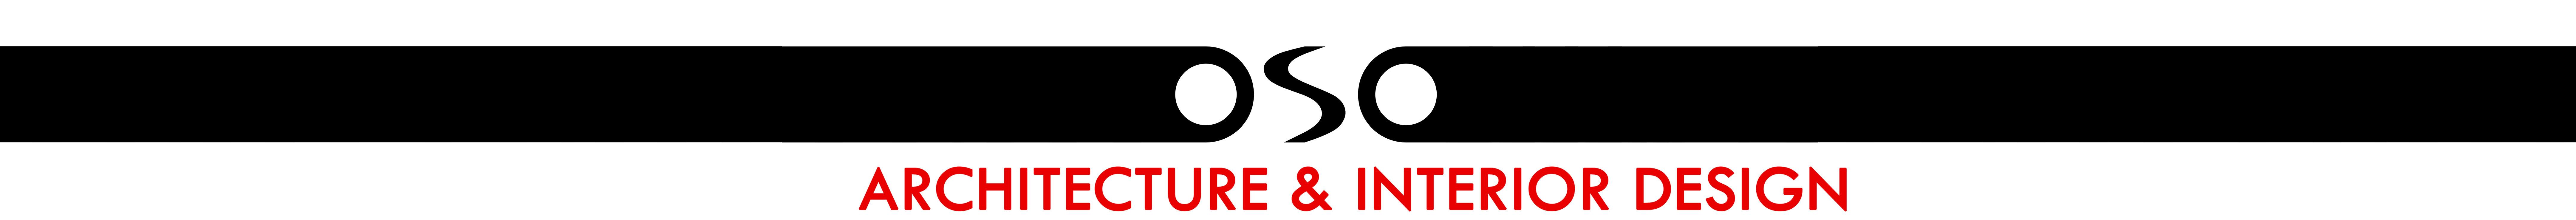 OSO Mimarlik Insaat Danismanlik Ltd.Sti.